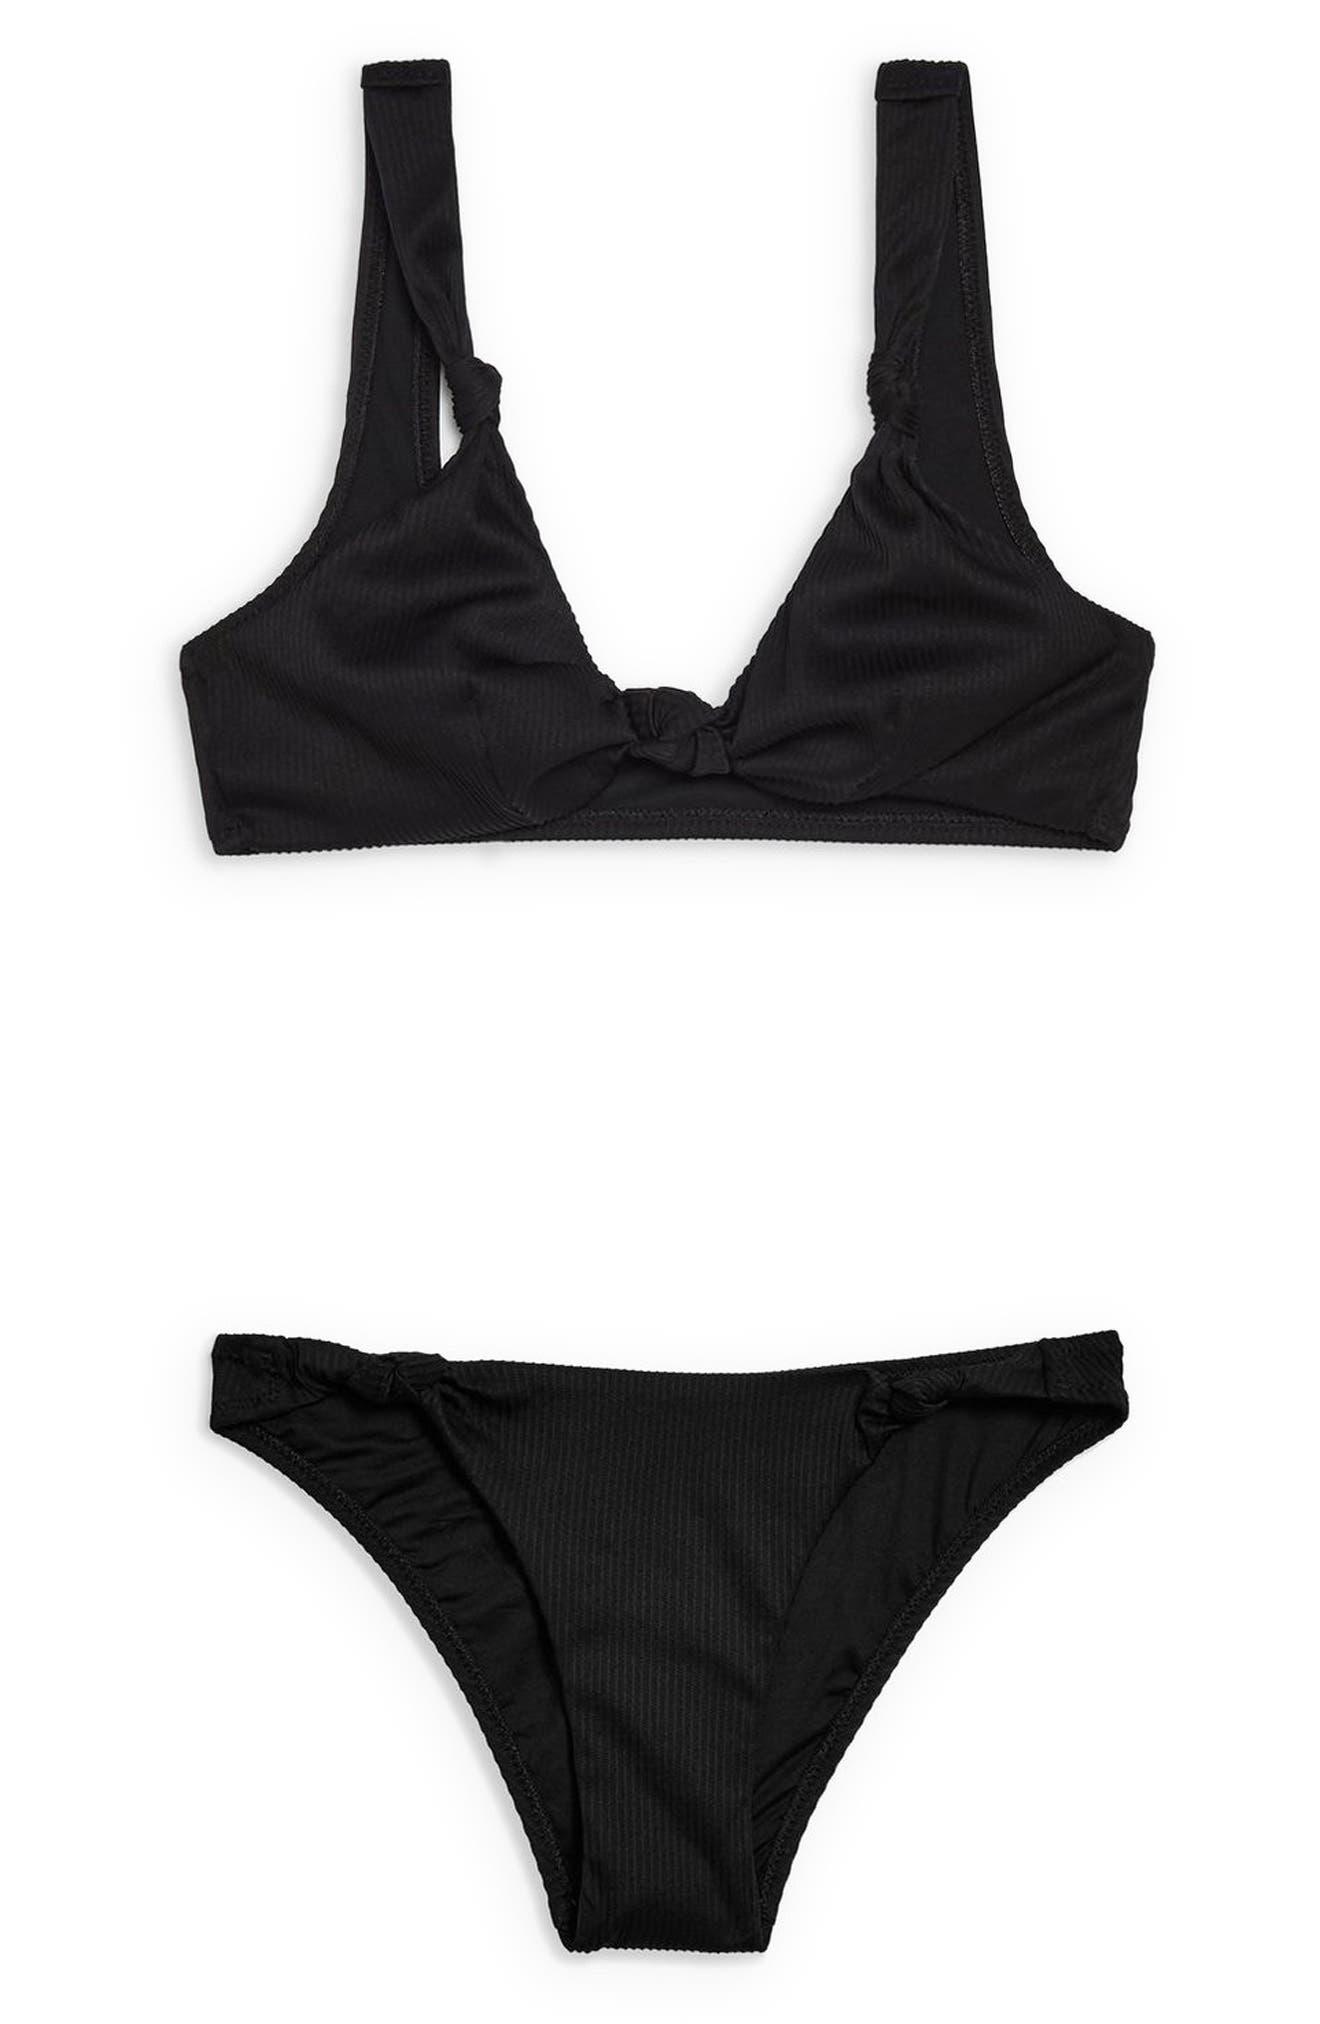 TOPSHOP, Ribbed Side Knot Bikini Bottoms, Alternate thumbnail 5, color, BLACK